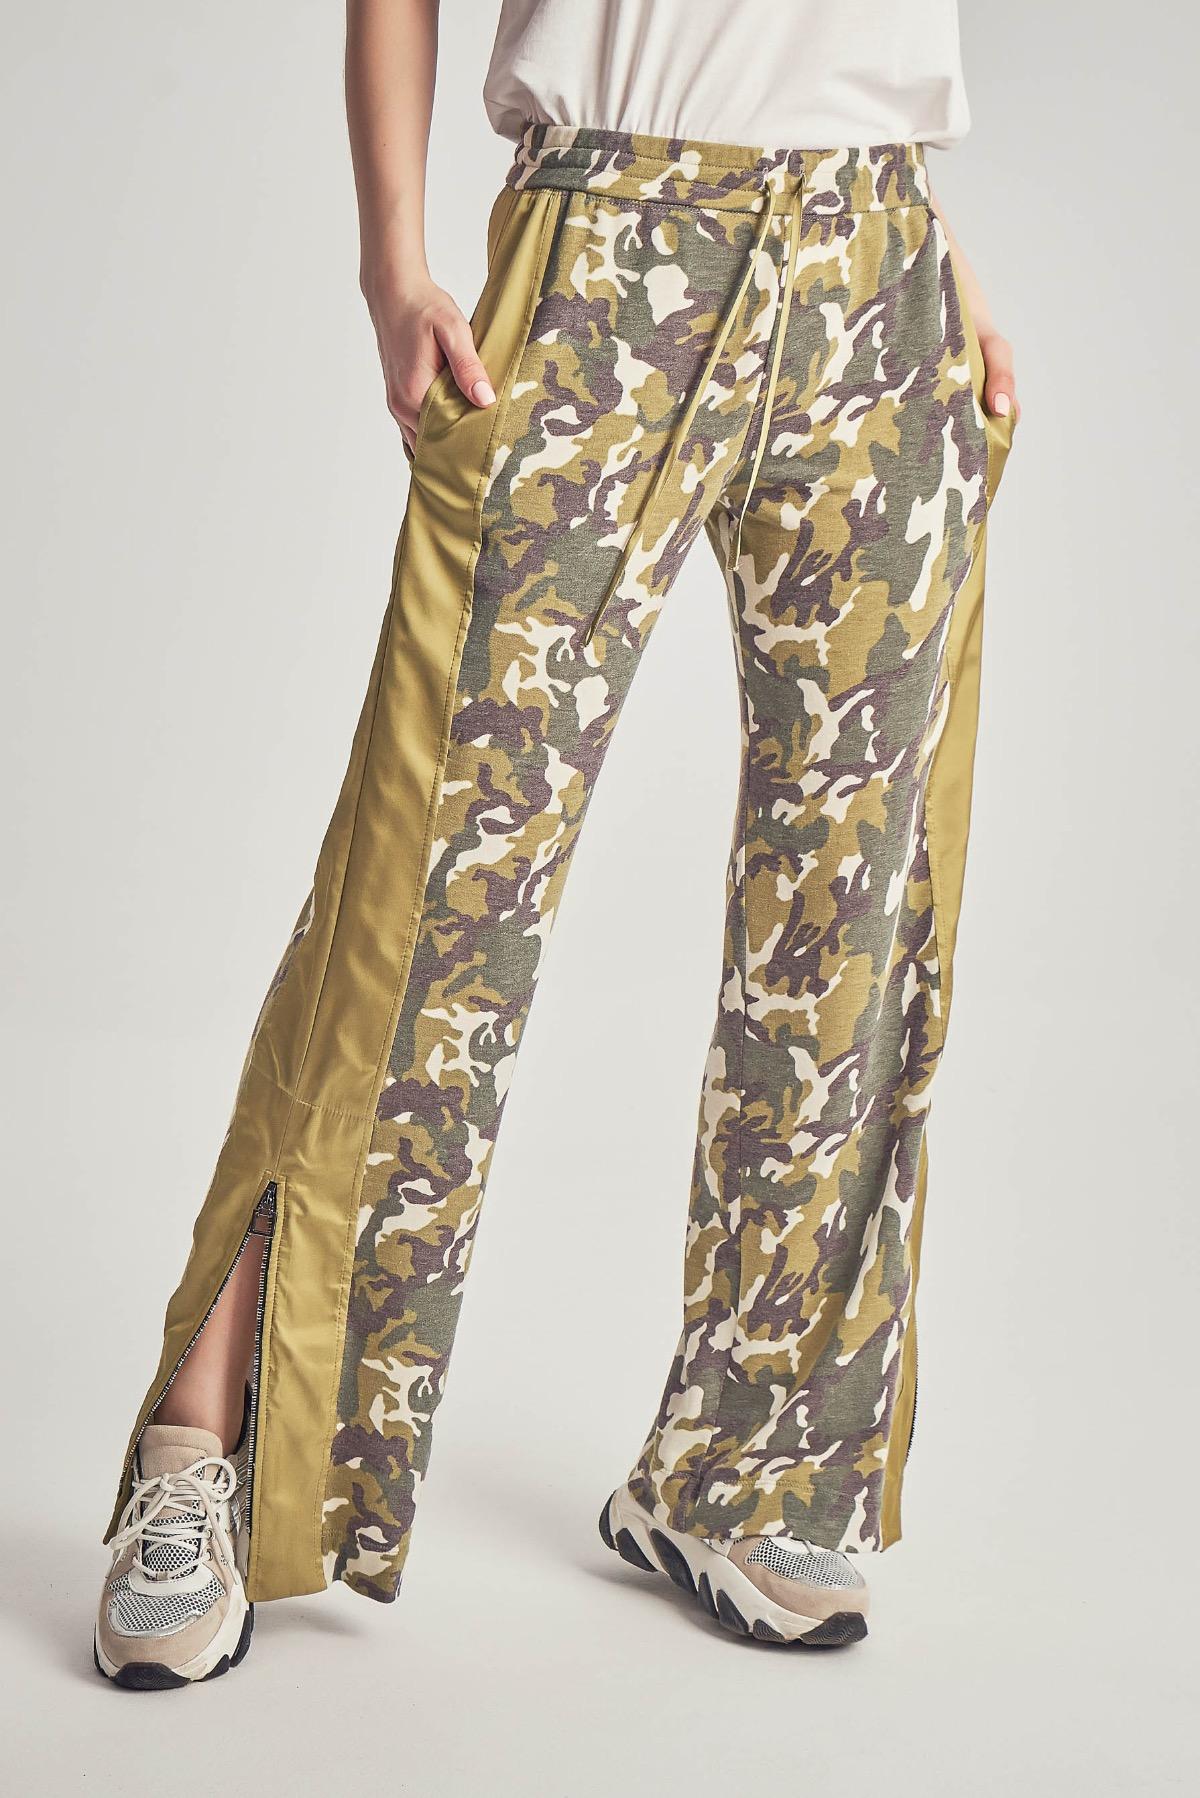 Pantalonii Yrma